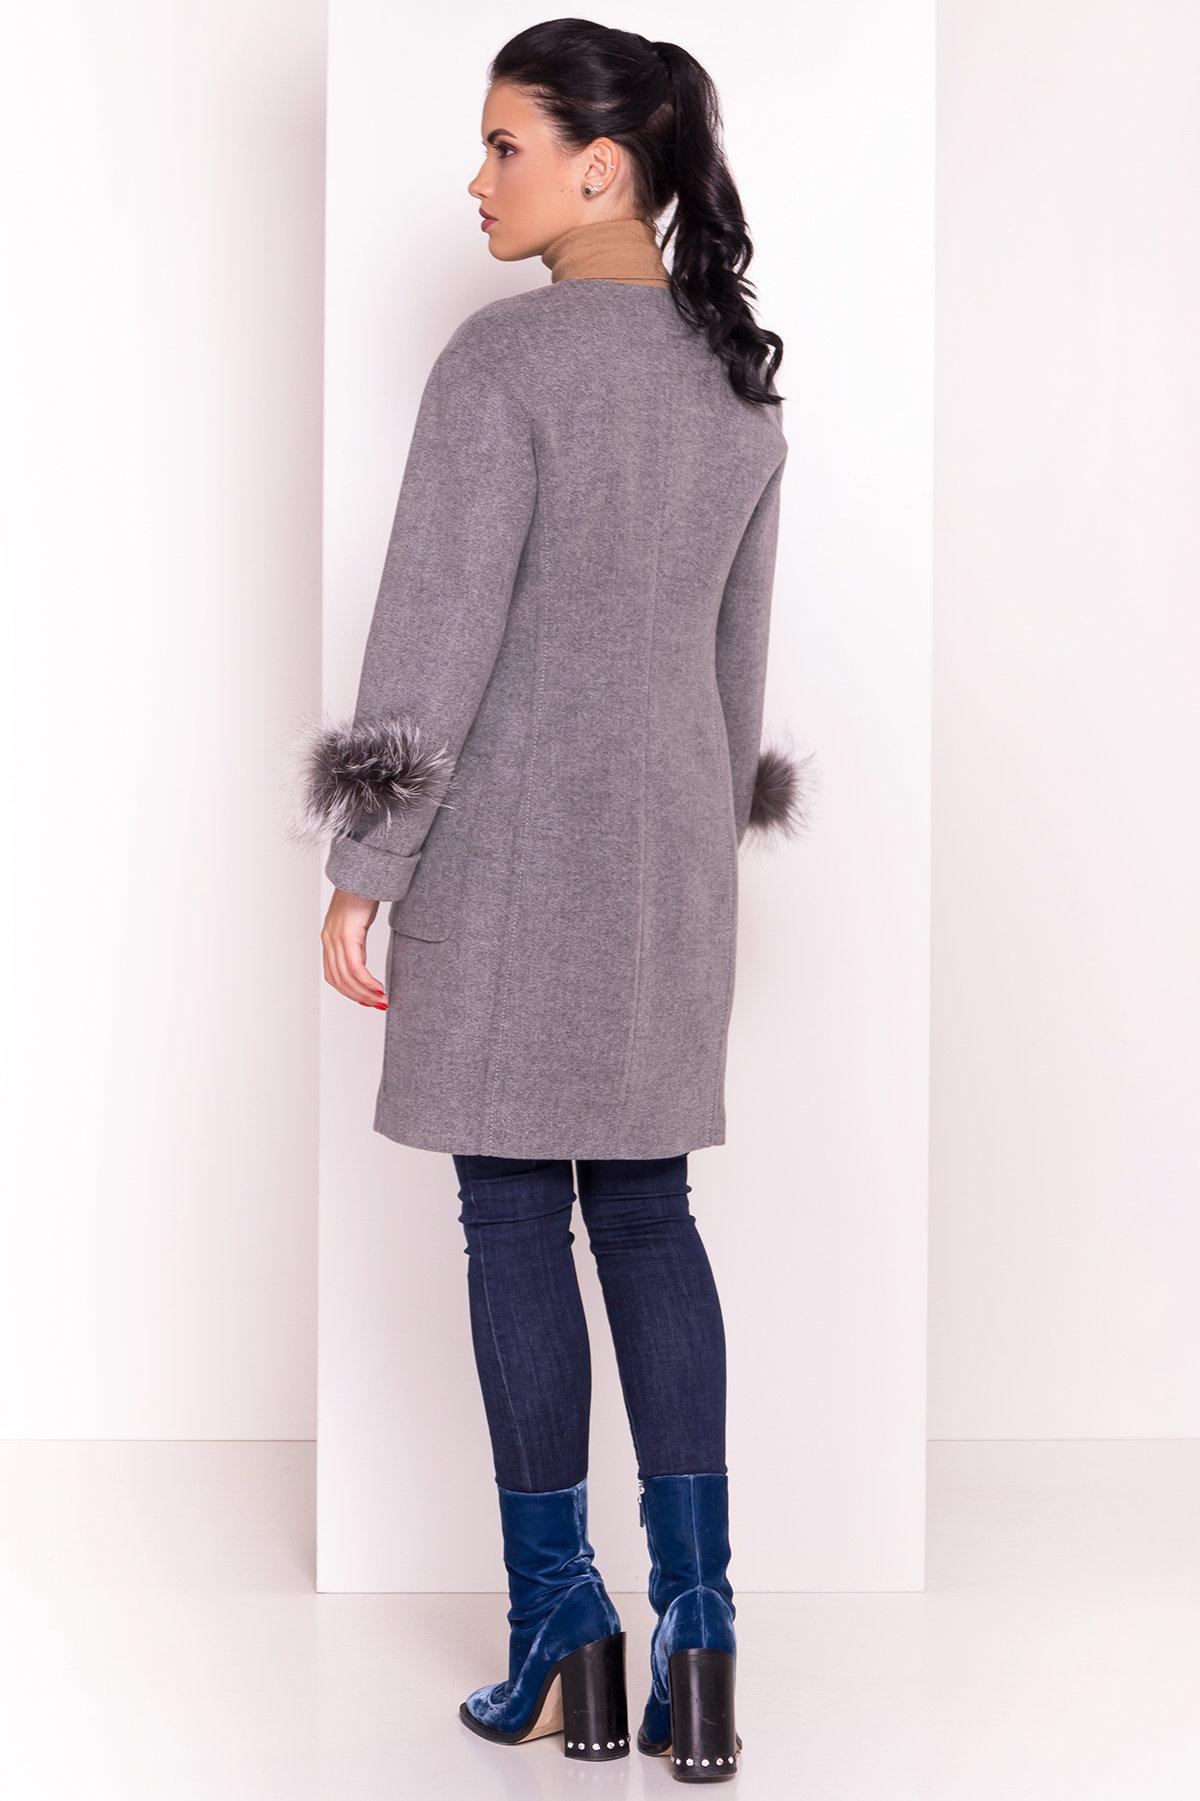 Пальто Кристина 5422 АРТ. 36805 Цвет: Серый 18 - фото 5, интернет магазин tm-modus.ru